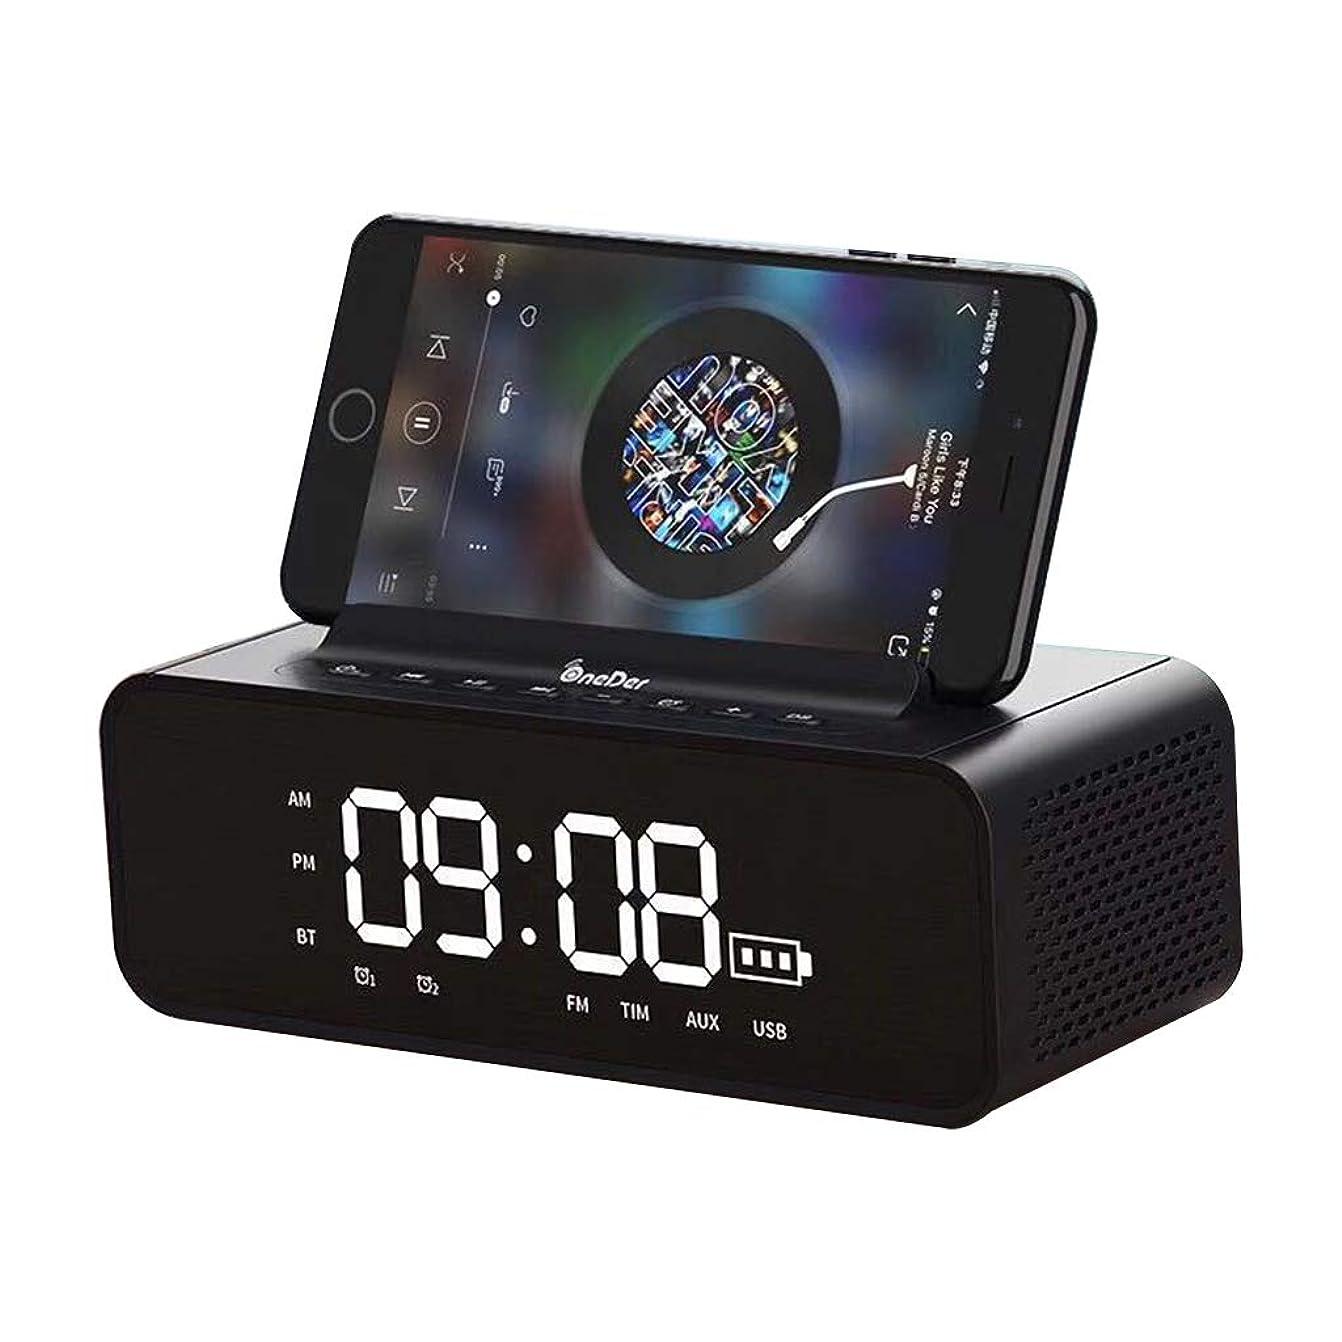 不信身元花婿Ledデジタル目覚まし時計携帯電話ホルダーブルートゥーススピーカーサポートハンズフリー通話3ファイルの明るさ調整可能